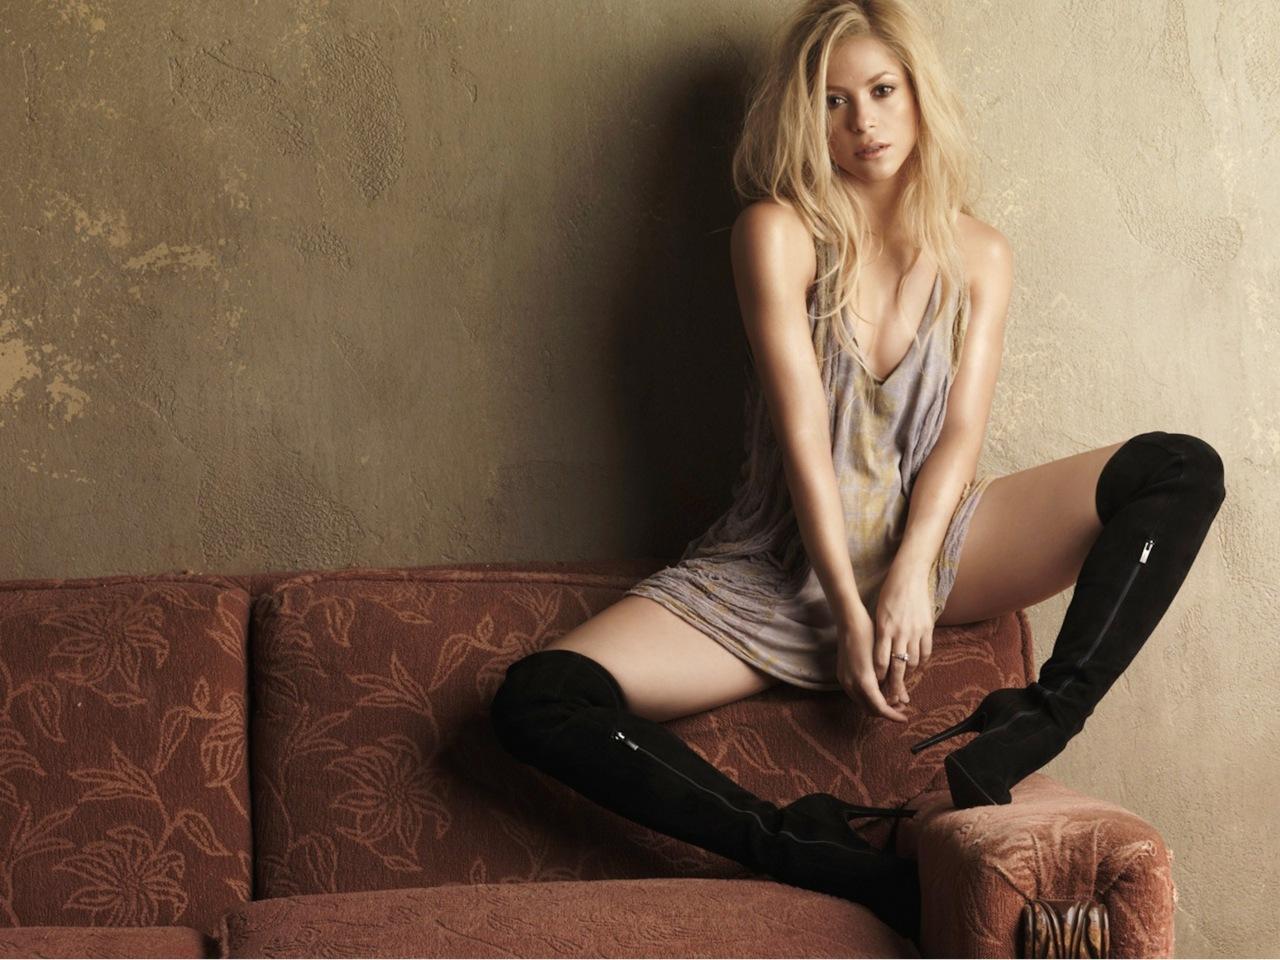 http://3.bp.blogspot.com/-Qv8Ox0UkbRU/TnizjgfW8dI/AAAAAAAABMY/8WGjLPDPeDY/s1600/Shakira_on_Sofa_with_Boots_Leg_innocent_hd_wallpaper_Vvallpaper.Net.jpg